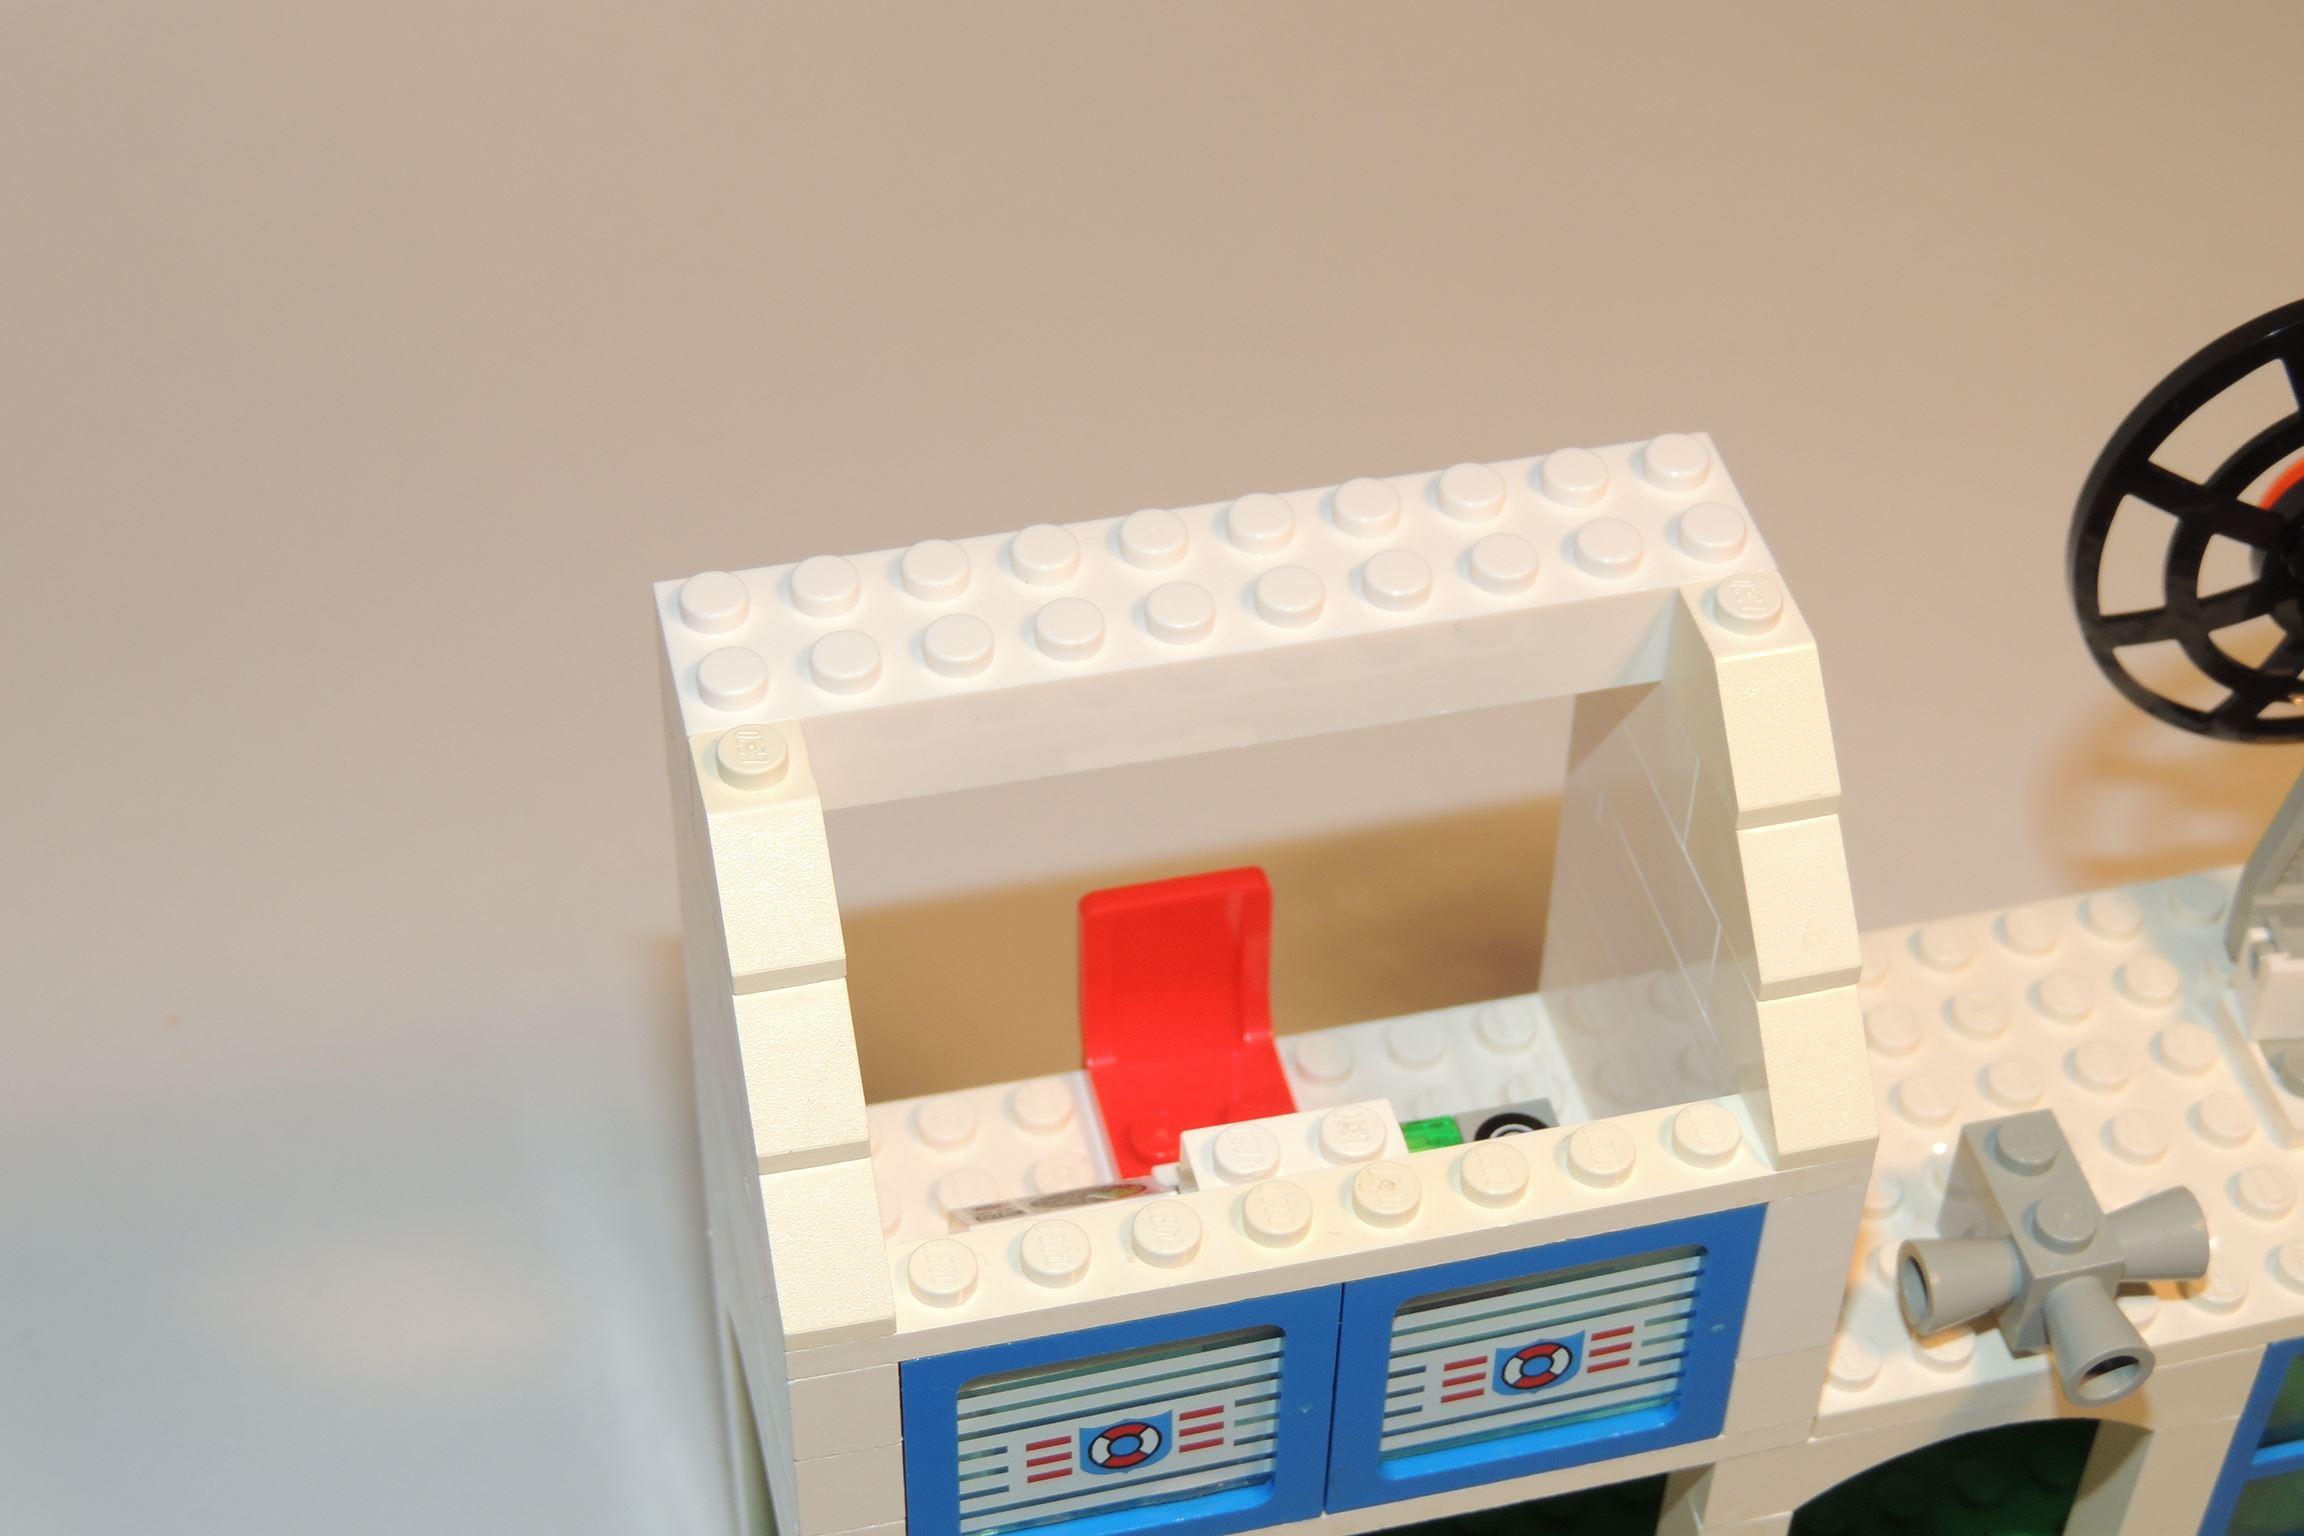 2×10 Brick in Weiß von Gobricks, man erkennt die Verfärbung des alten Legos.